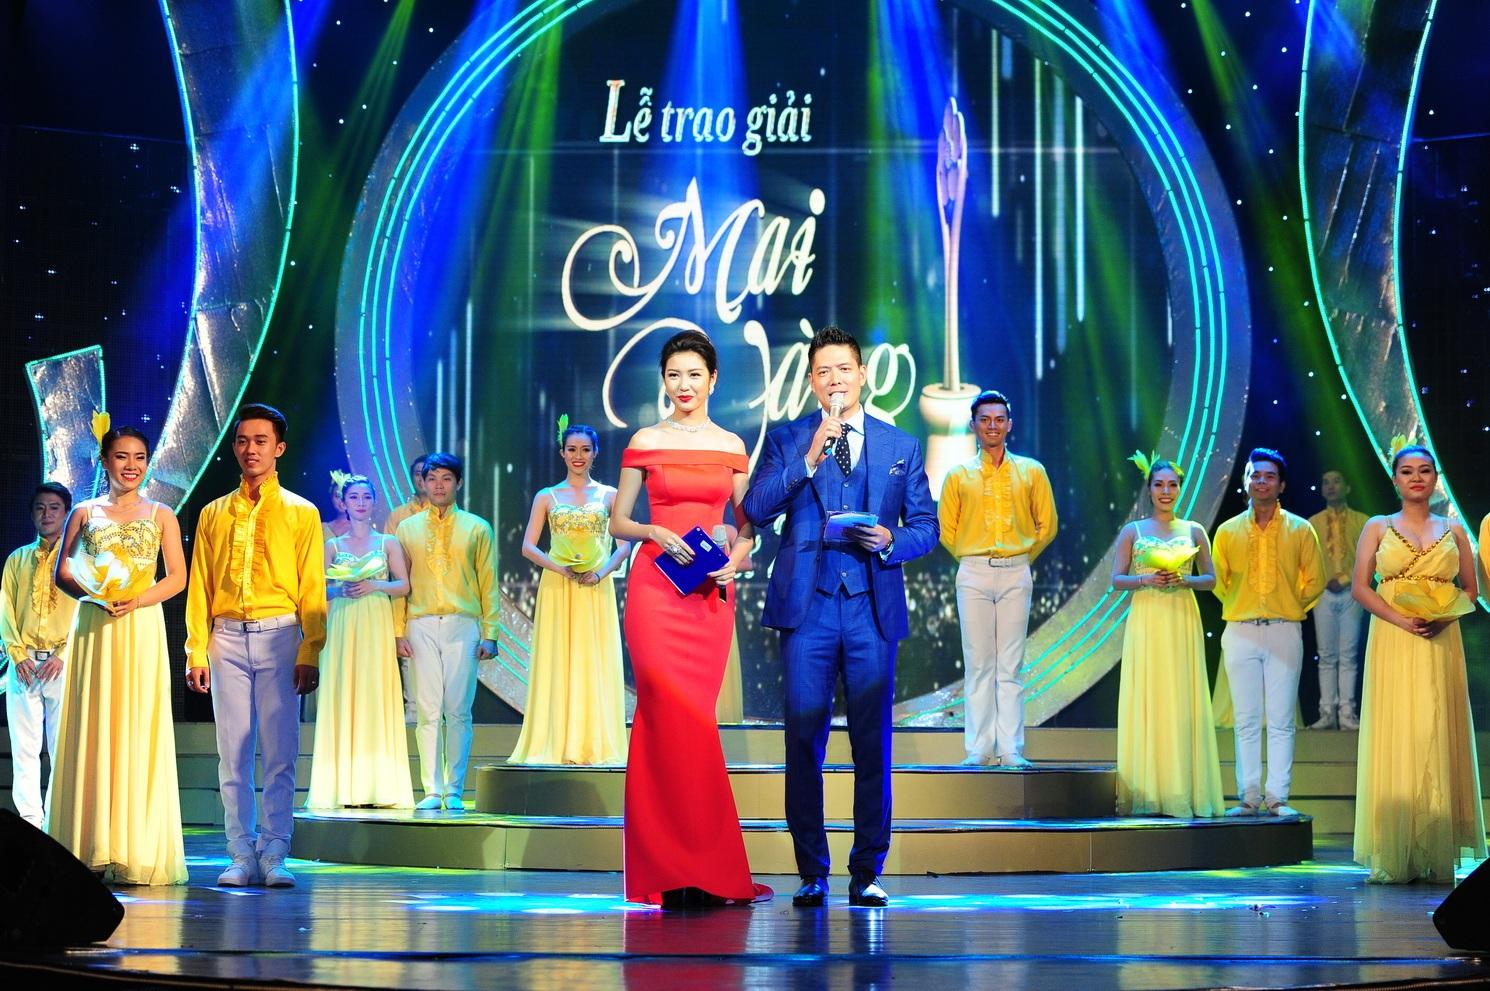 Á hậu thế giới Thúy Vân cùng diễn viên Bình Minh đảm nhận vai trò MC của chương trình.